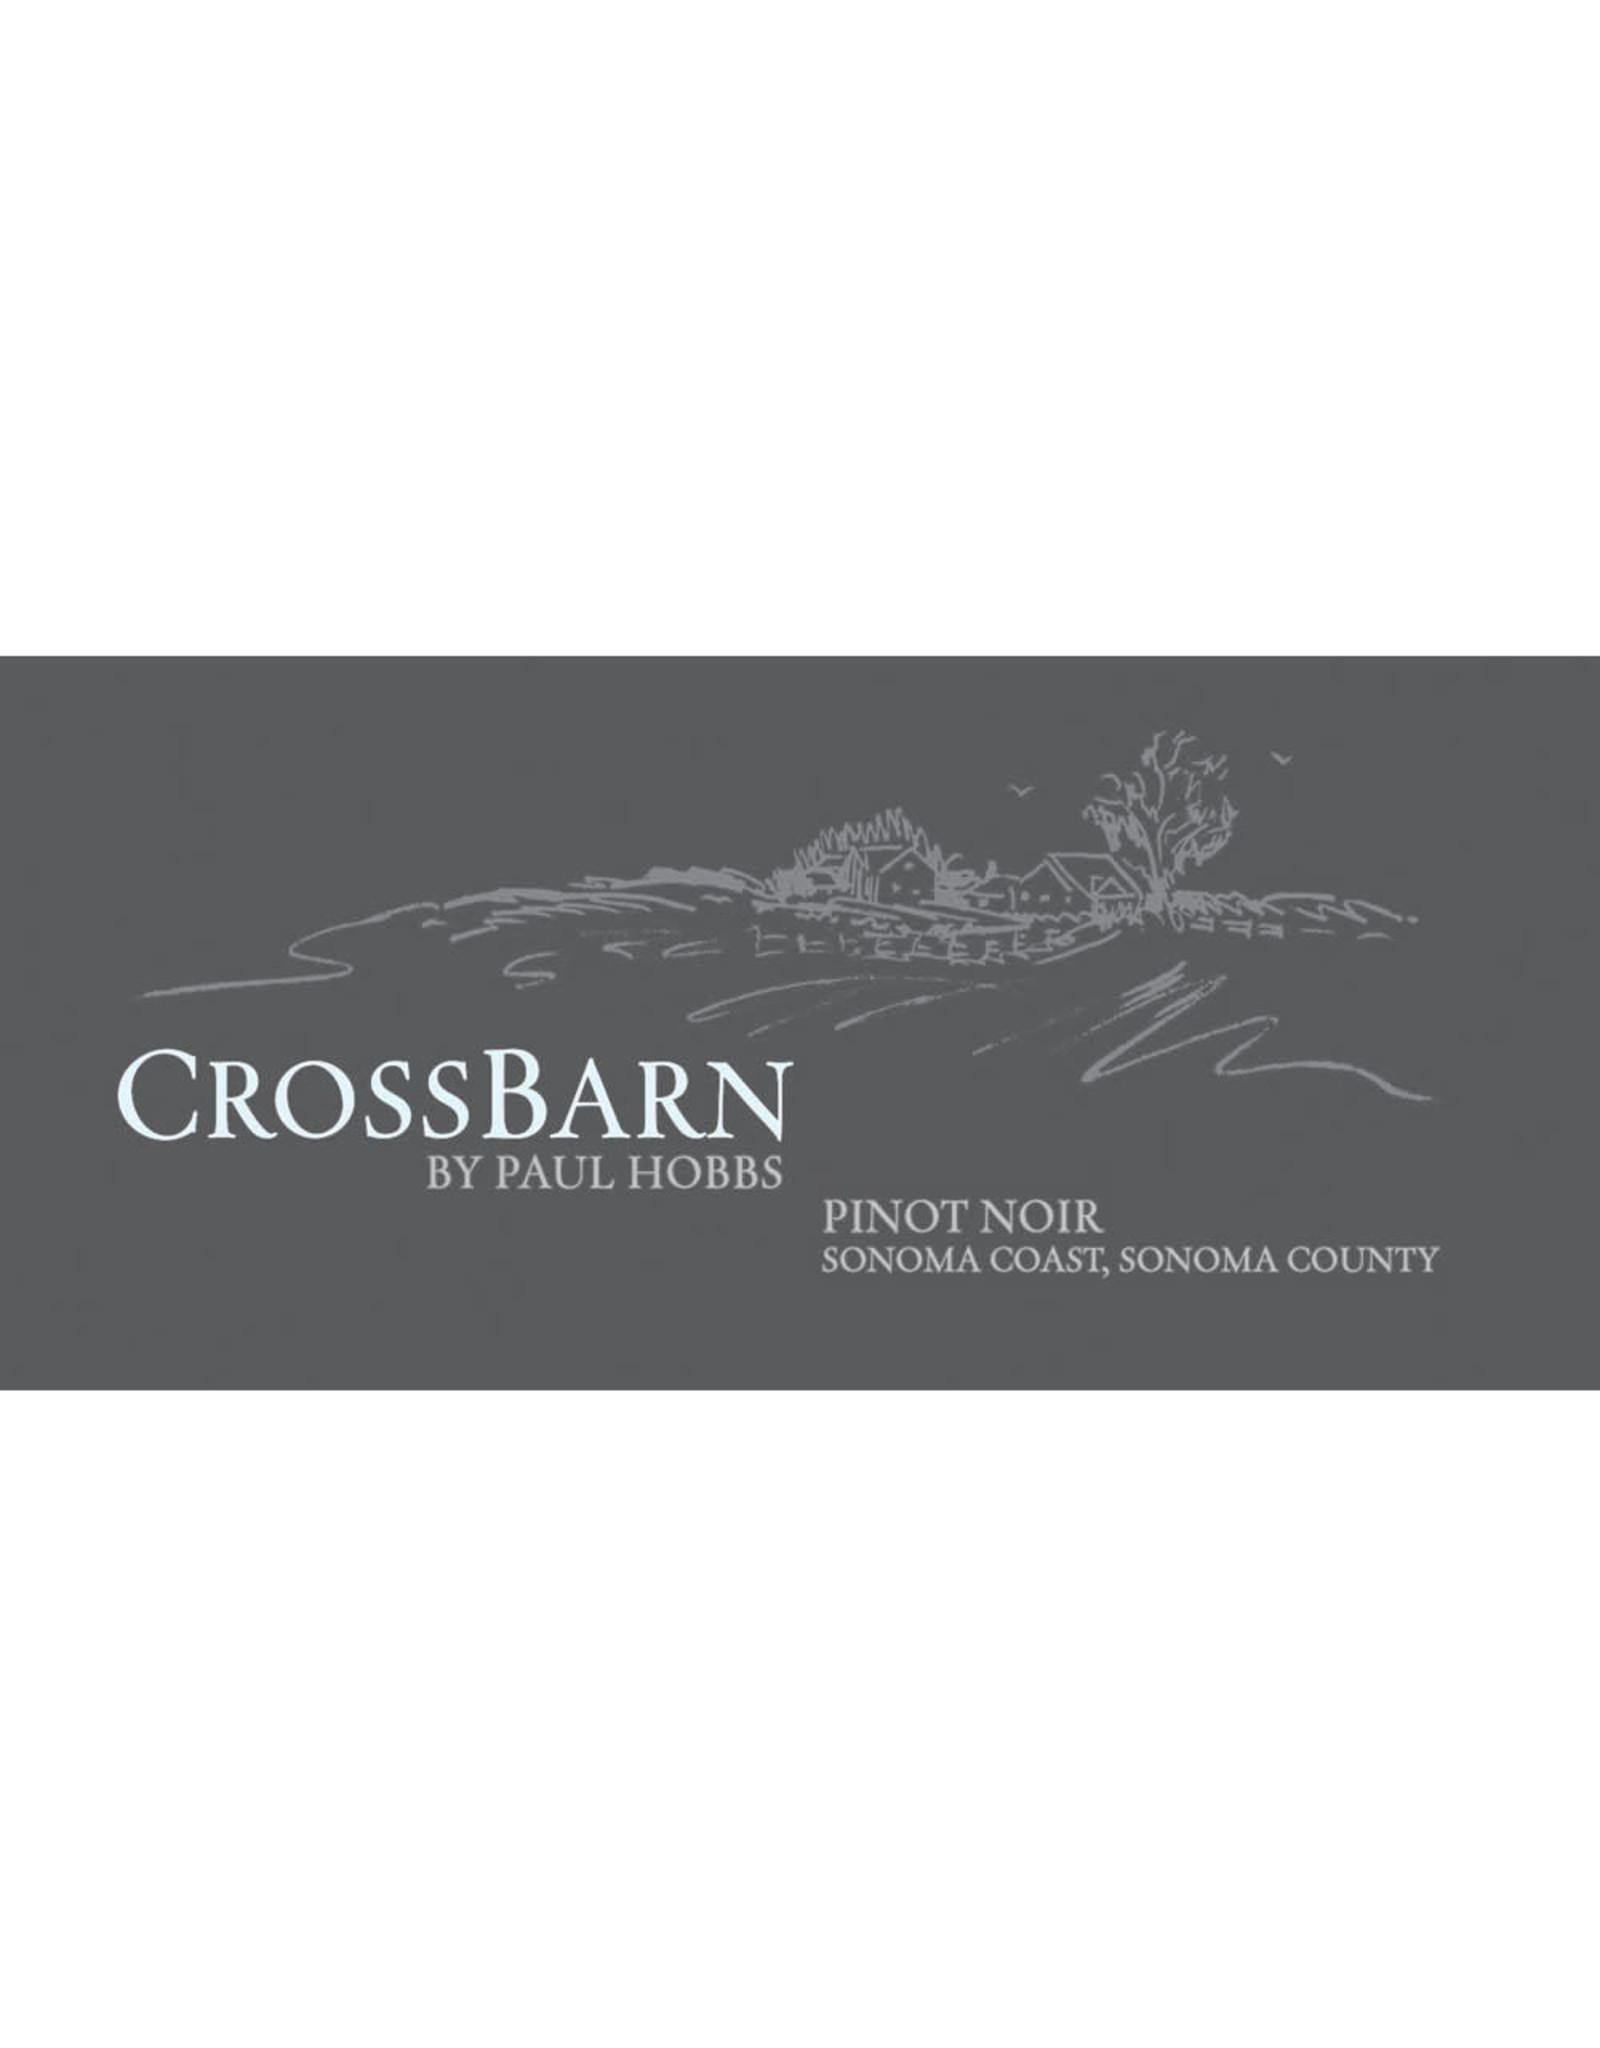 Paul Hobbs Crossbarn by Paul Hobbs Pinot Noir Anderson Valley (2014)